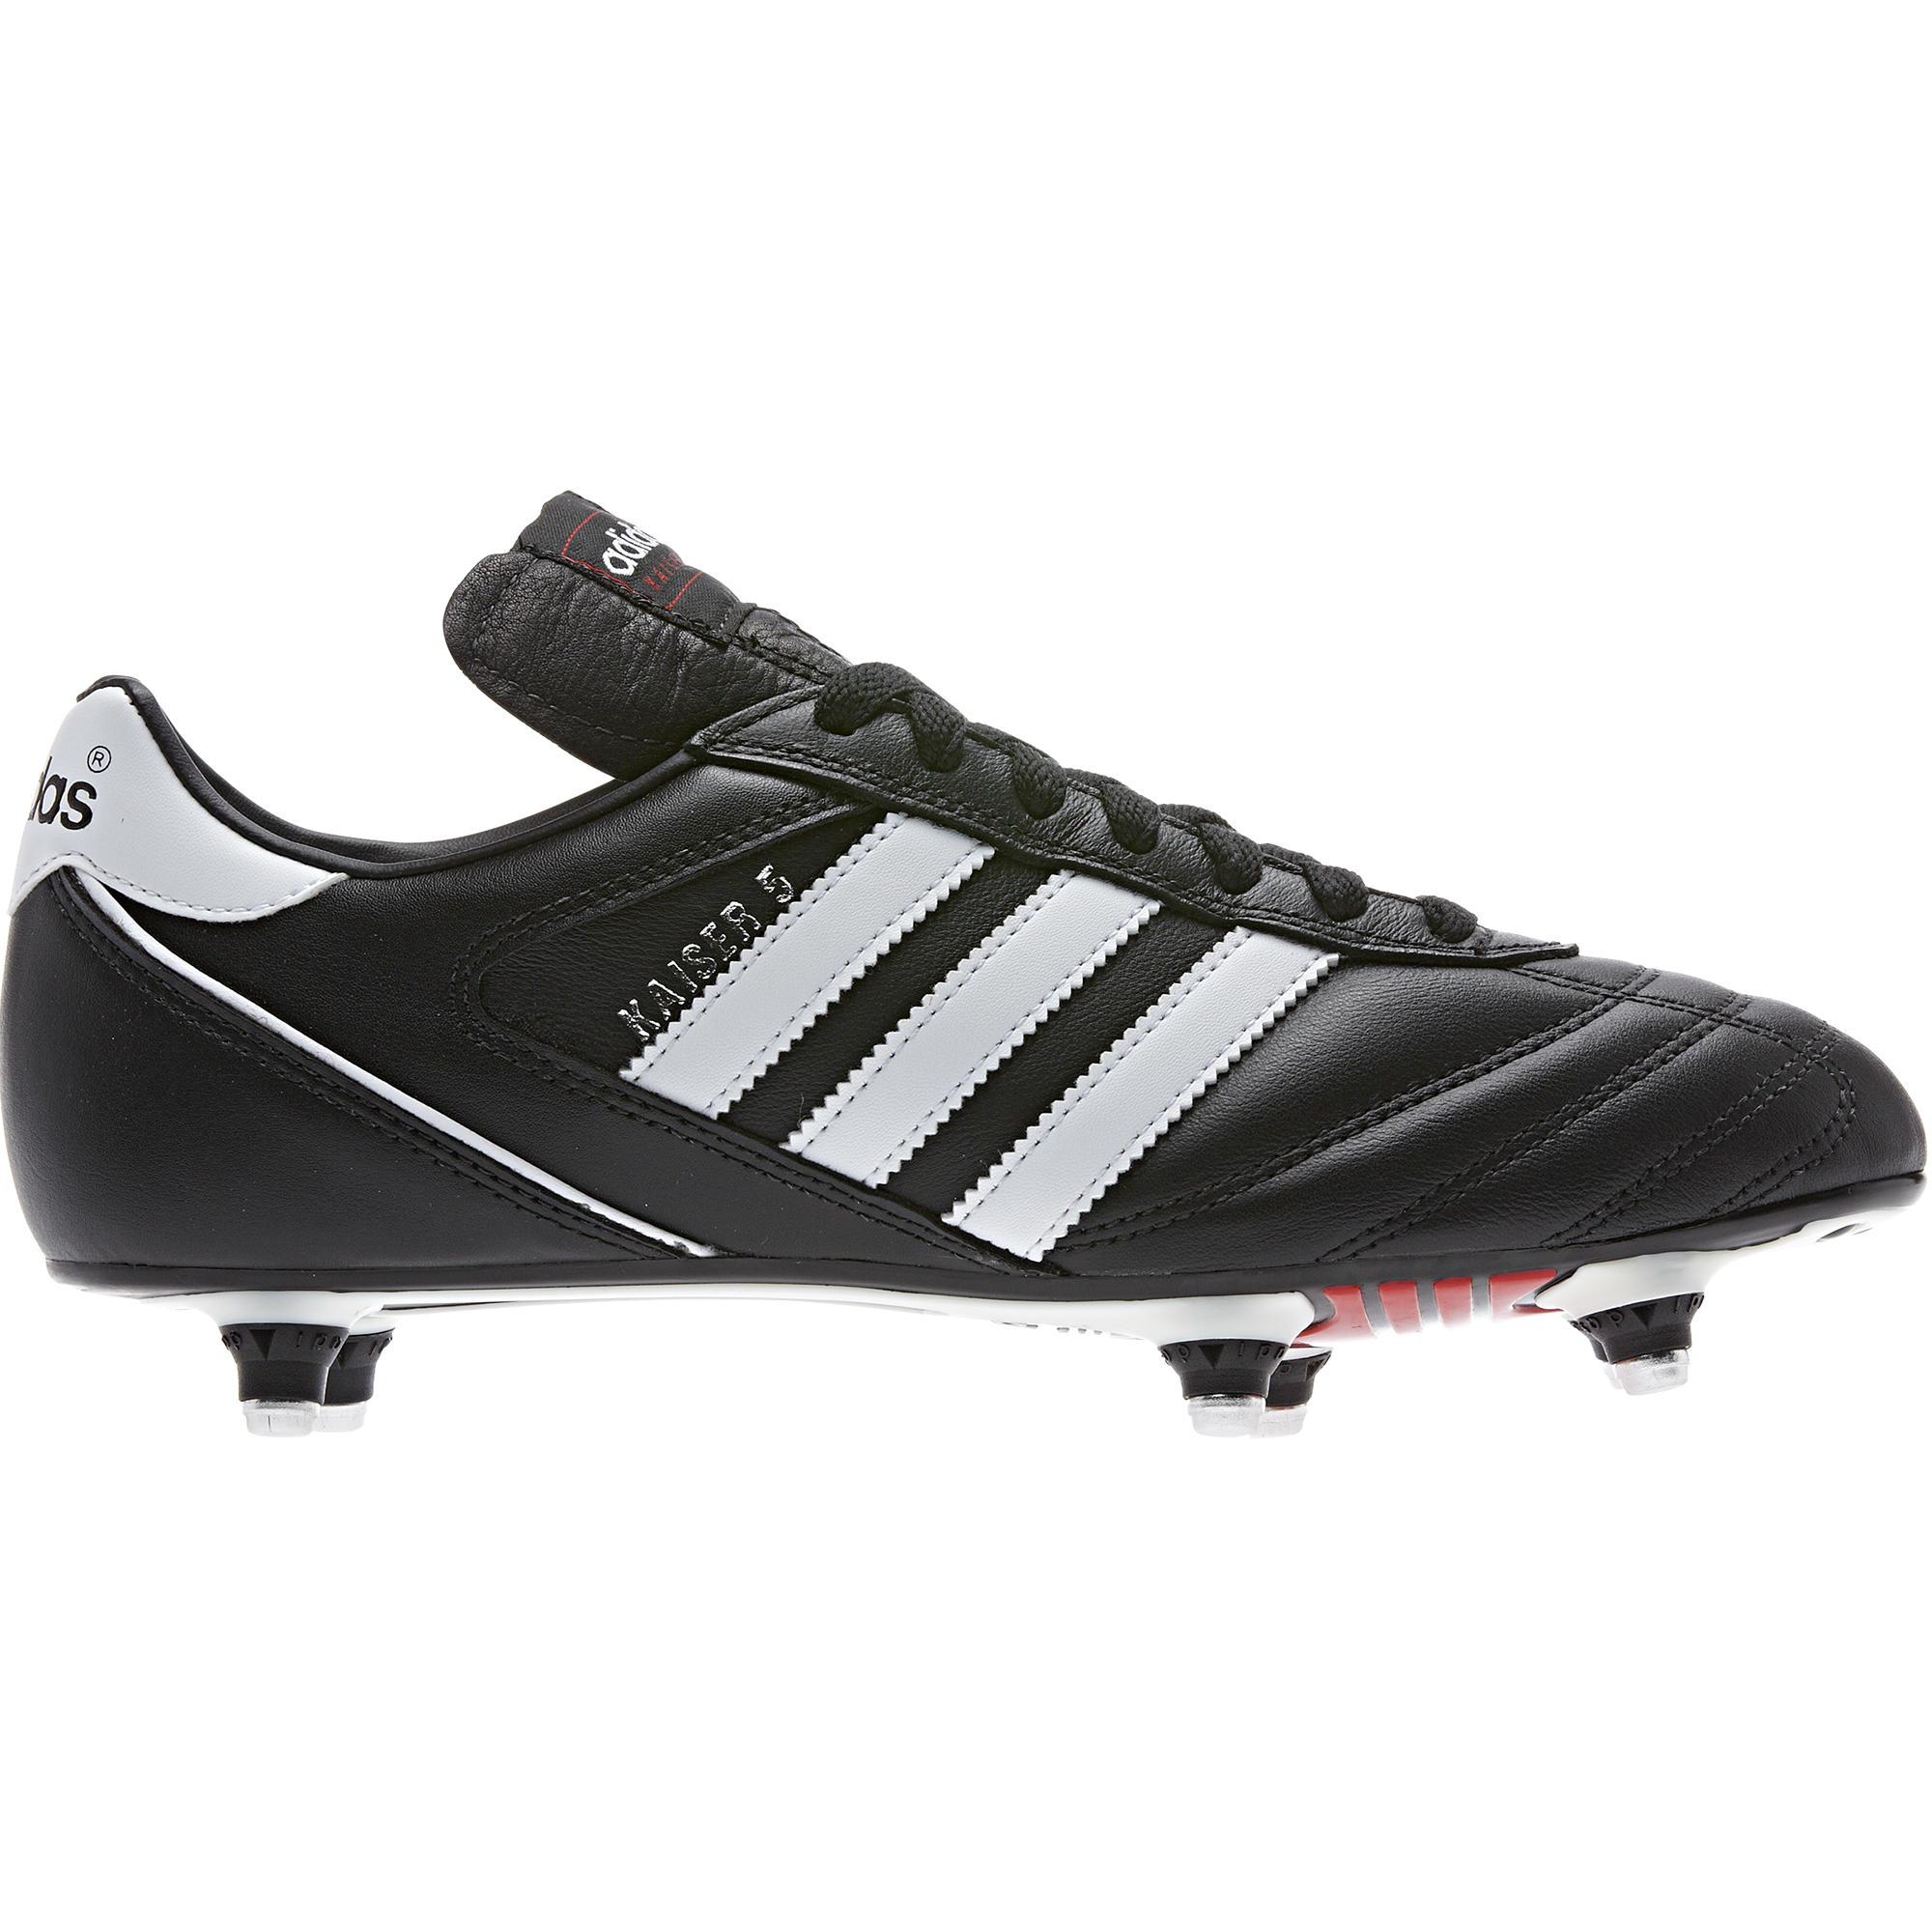 Fußballschuhe Stollen Kaiser Cup SG Erwachsene schwarz | Schuhe > Sportschuhe > Fußballschuhe | Adidas